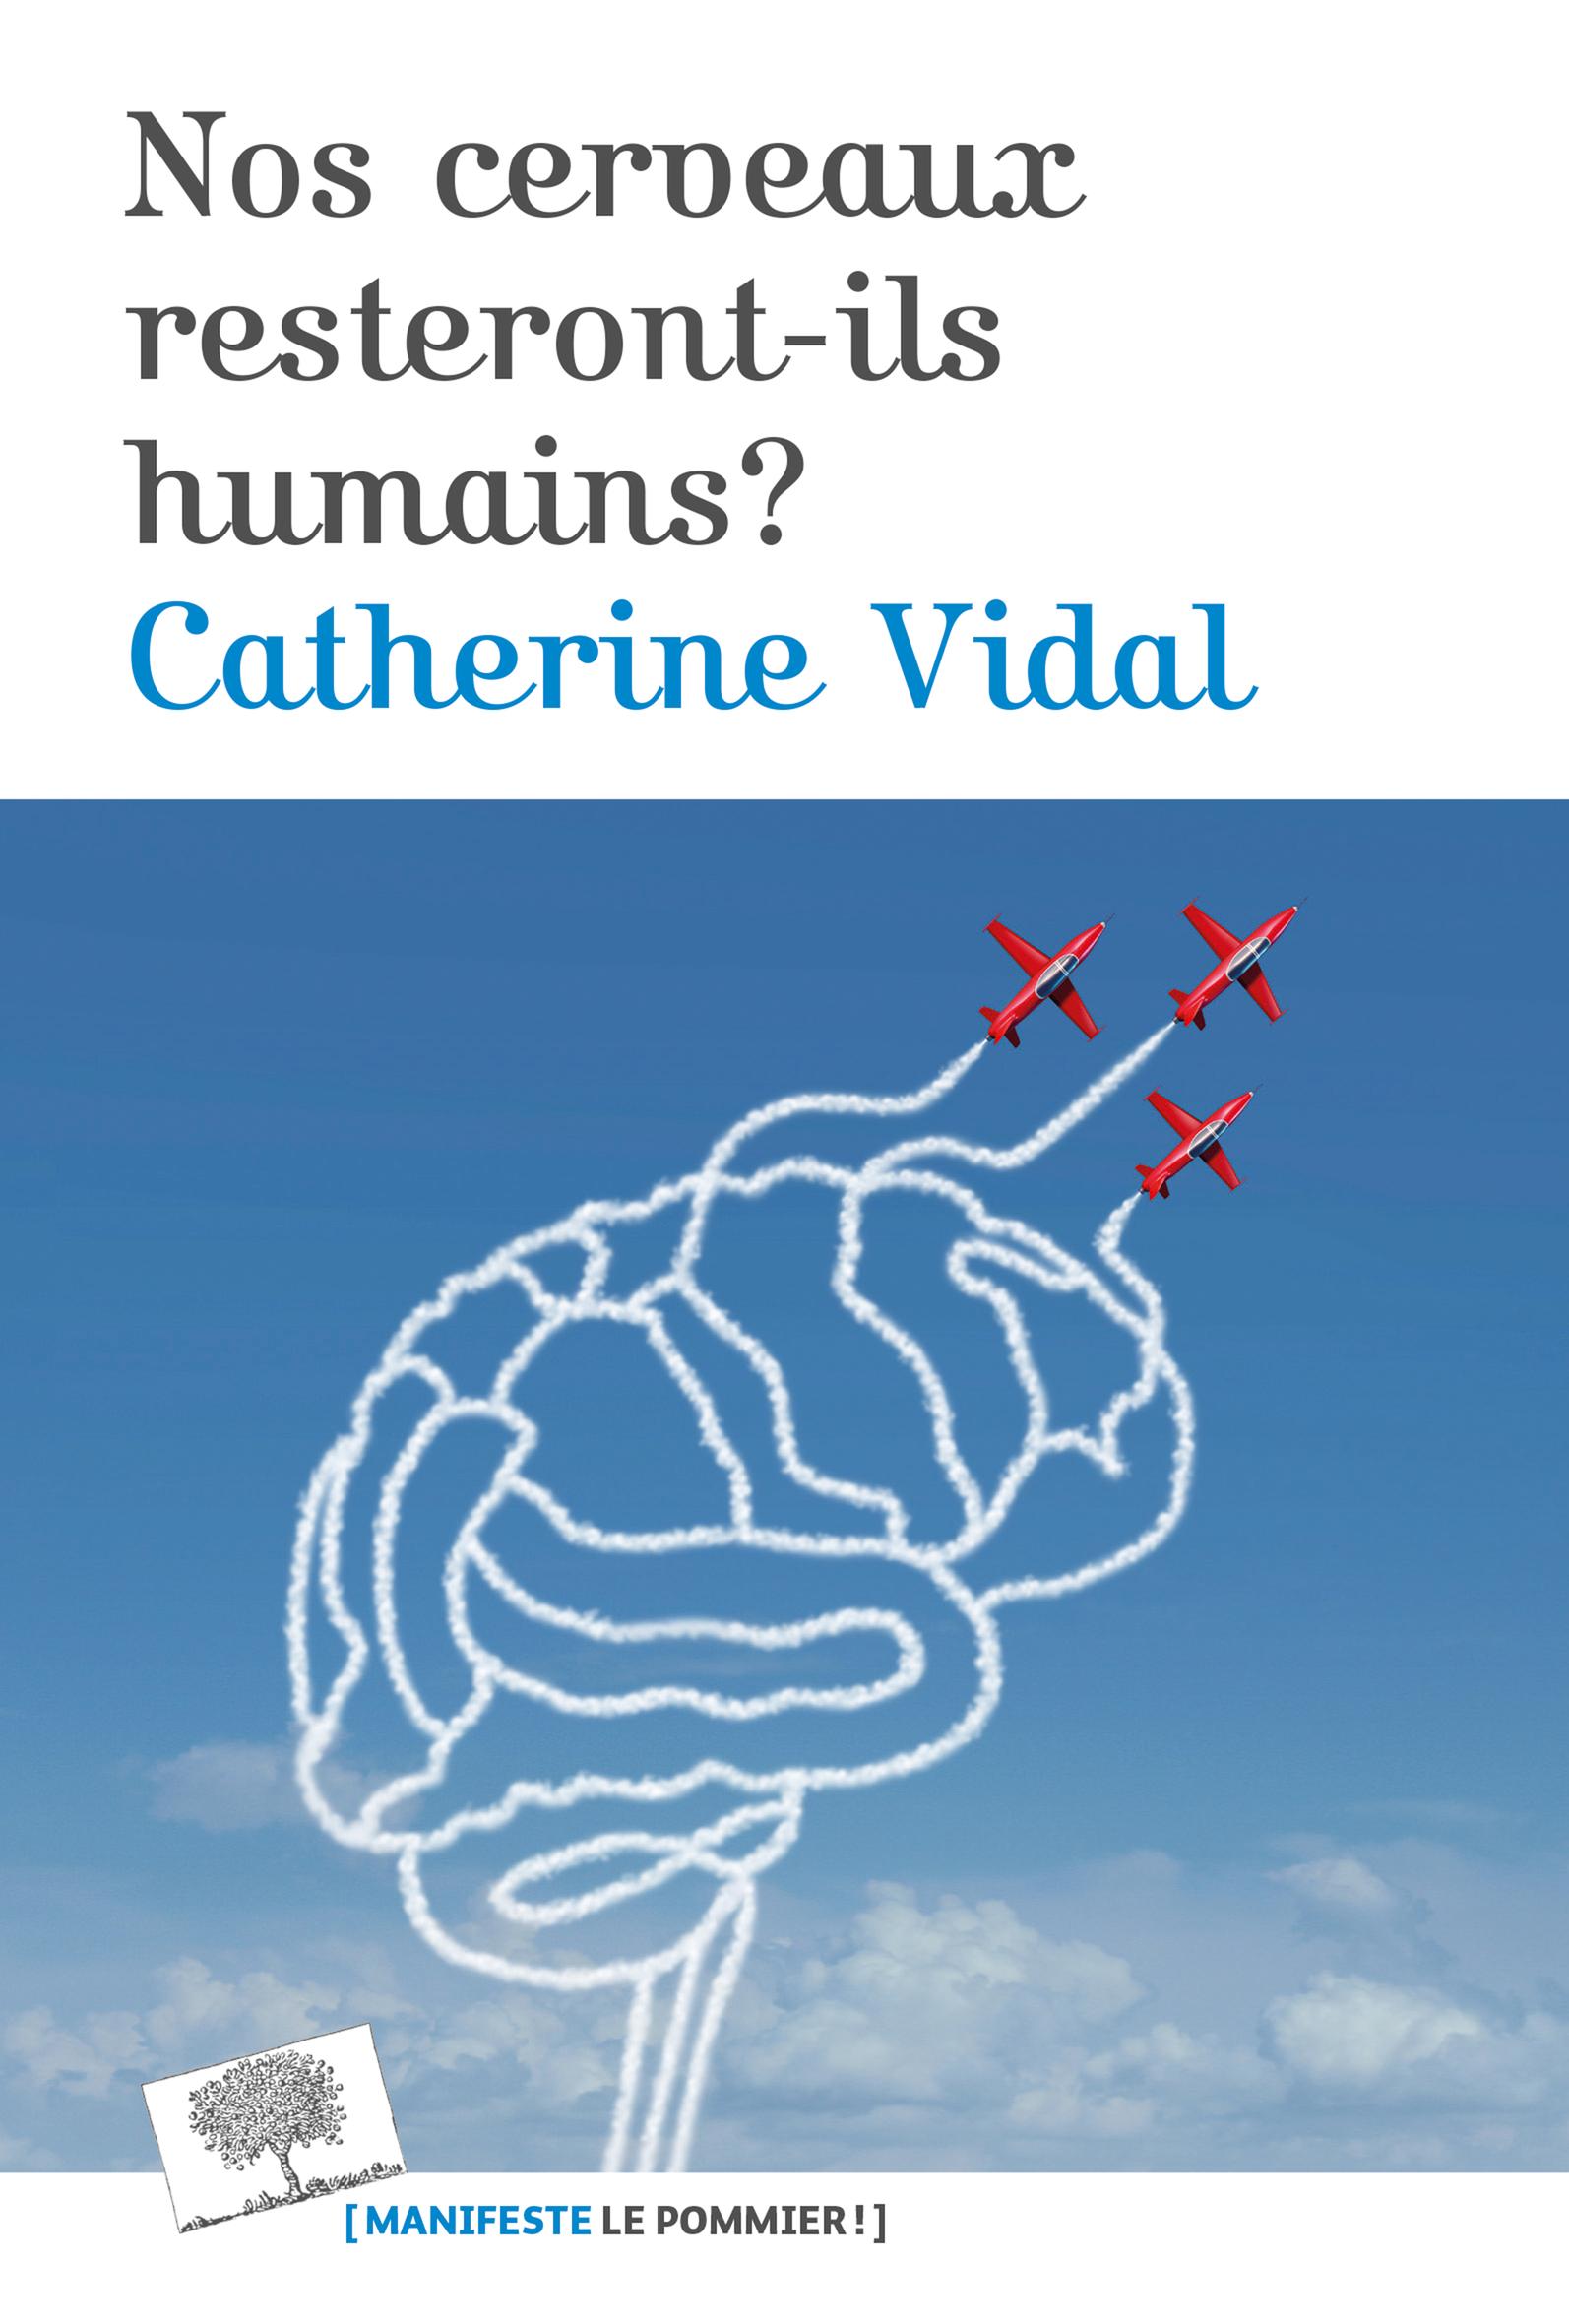 NOS CERVEAUX RESTERONT-ILS HUMAINS ?